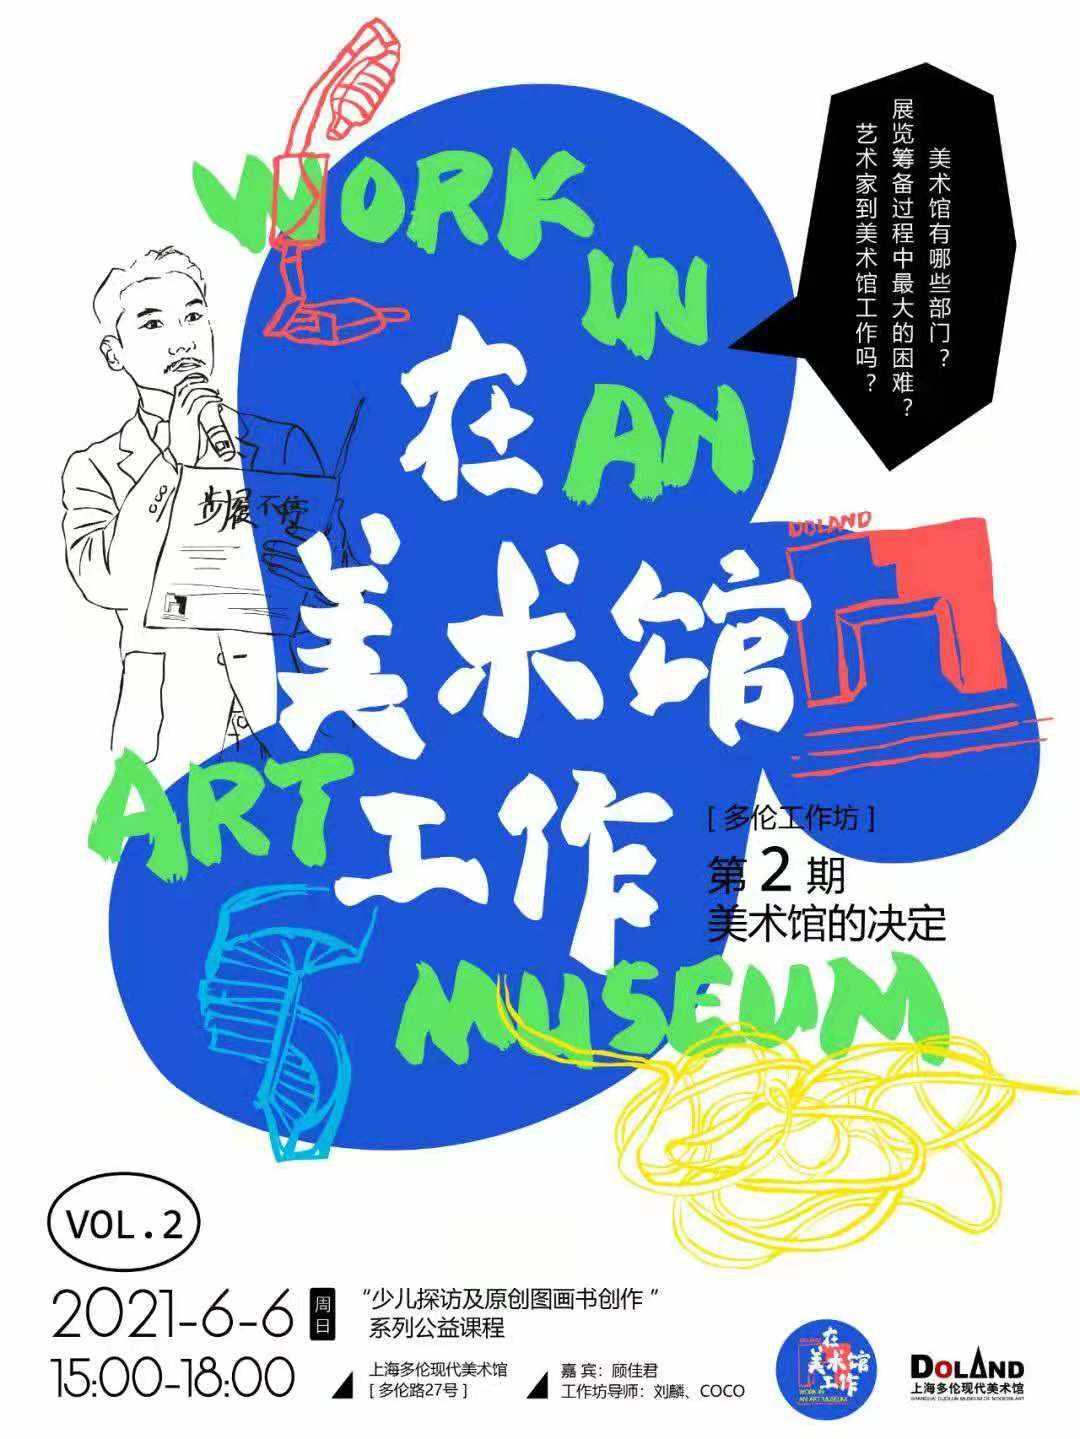 详情请关注上海多伦现代美术馆微信公众号